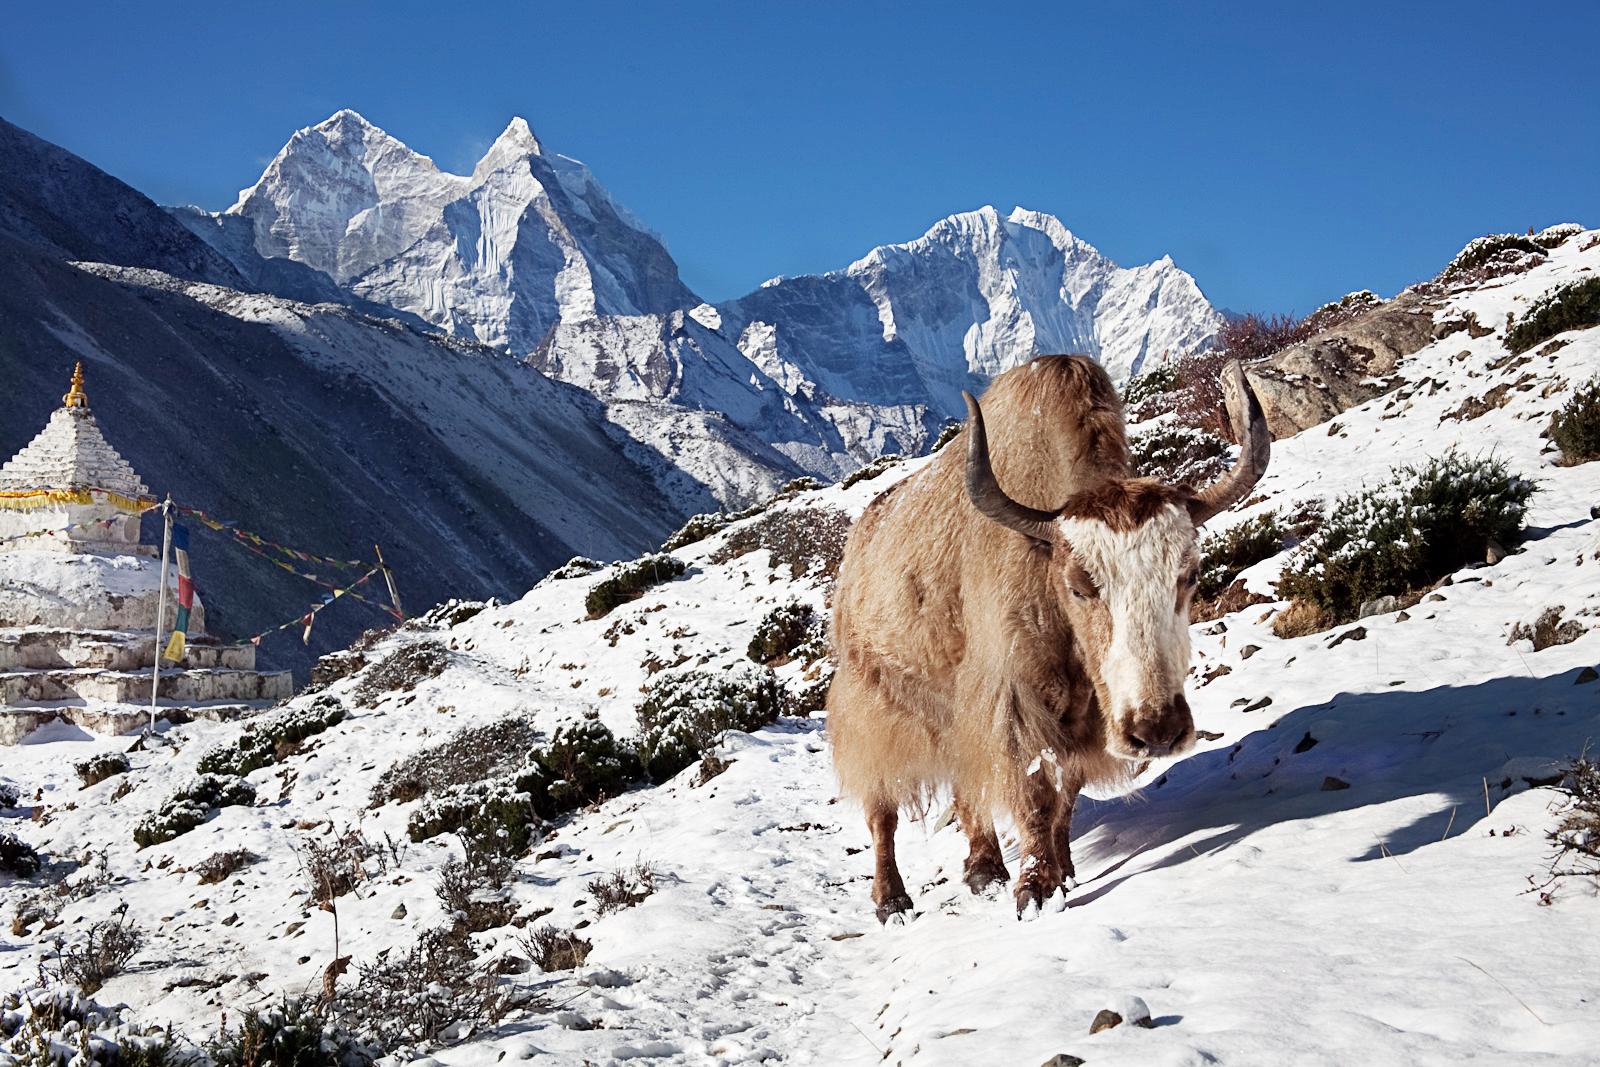 Nepal, Kathmandu: 15 Astounding Places To Visit In 2020 17